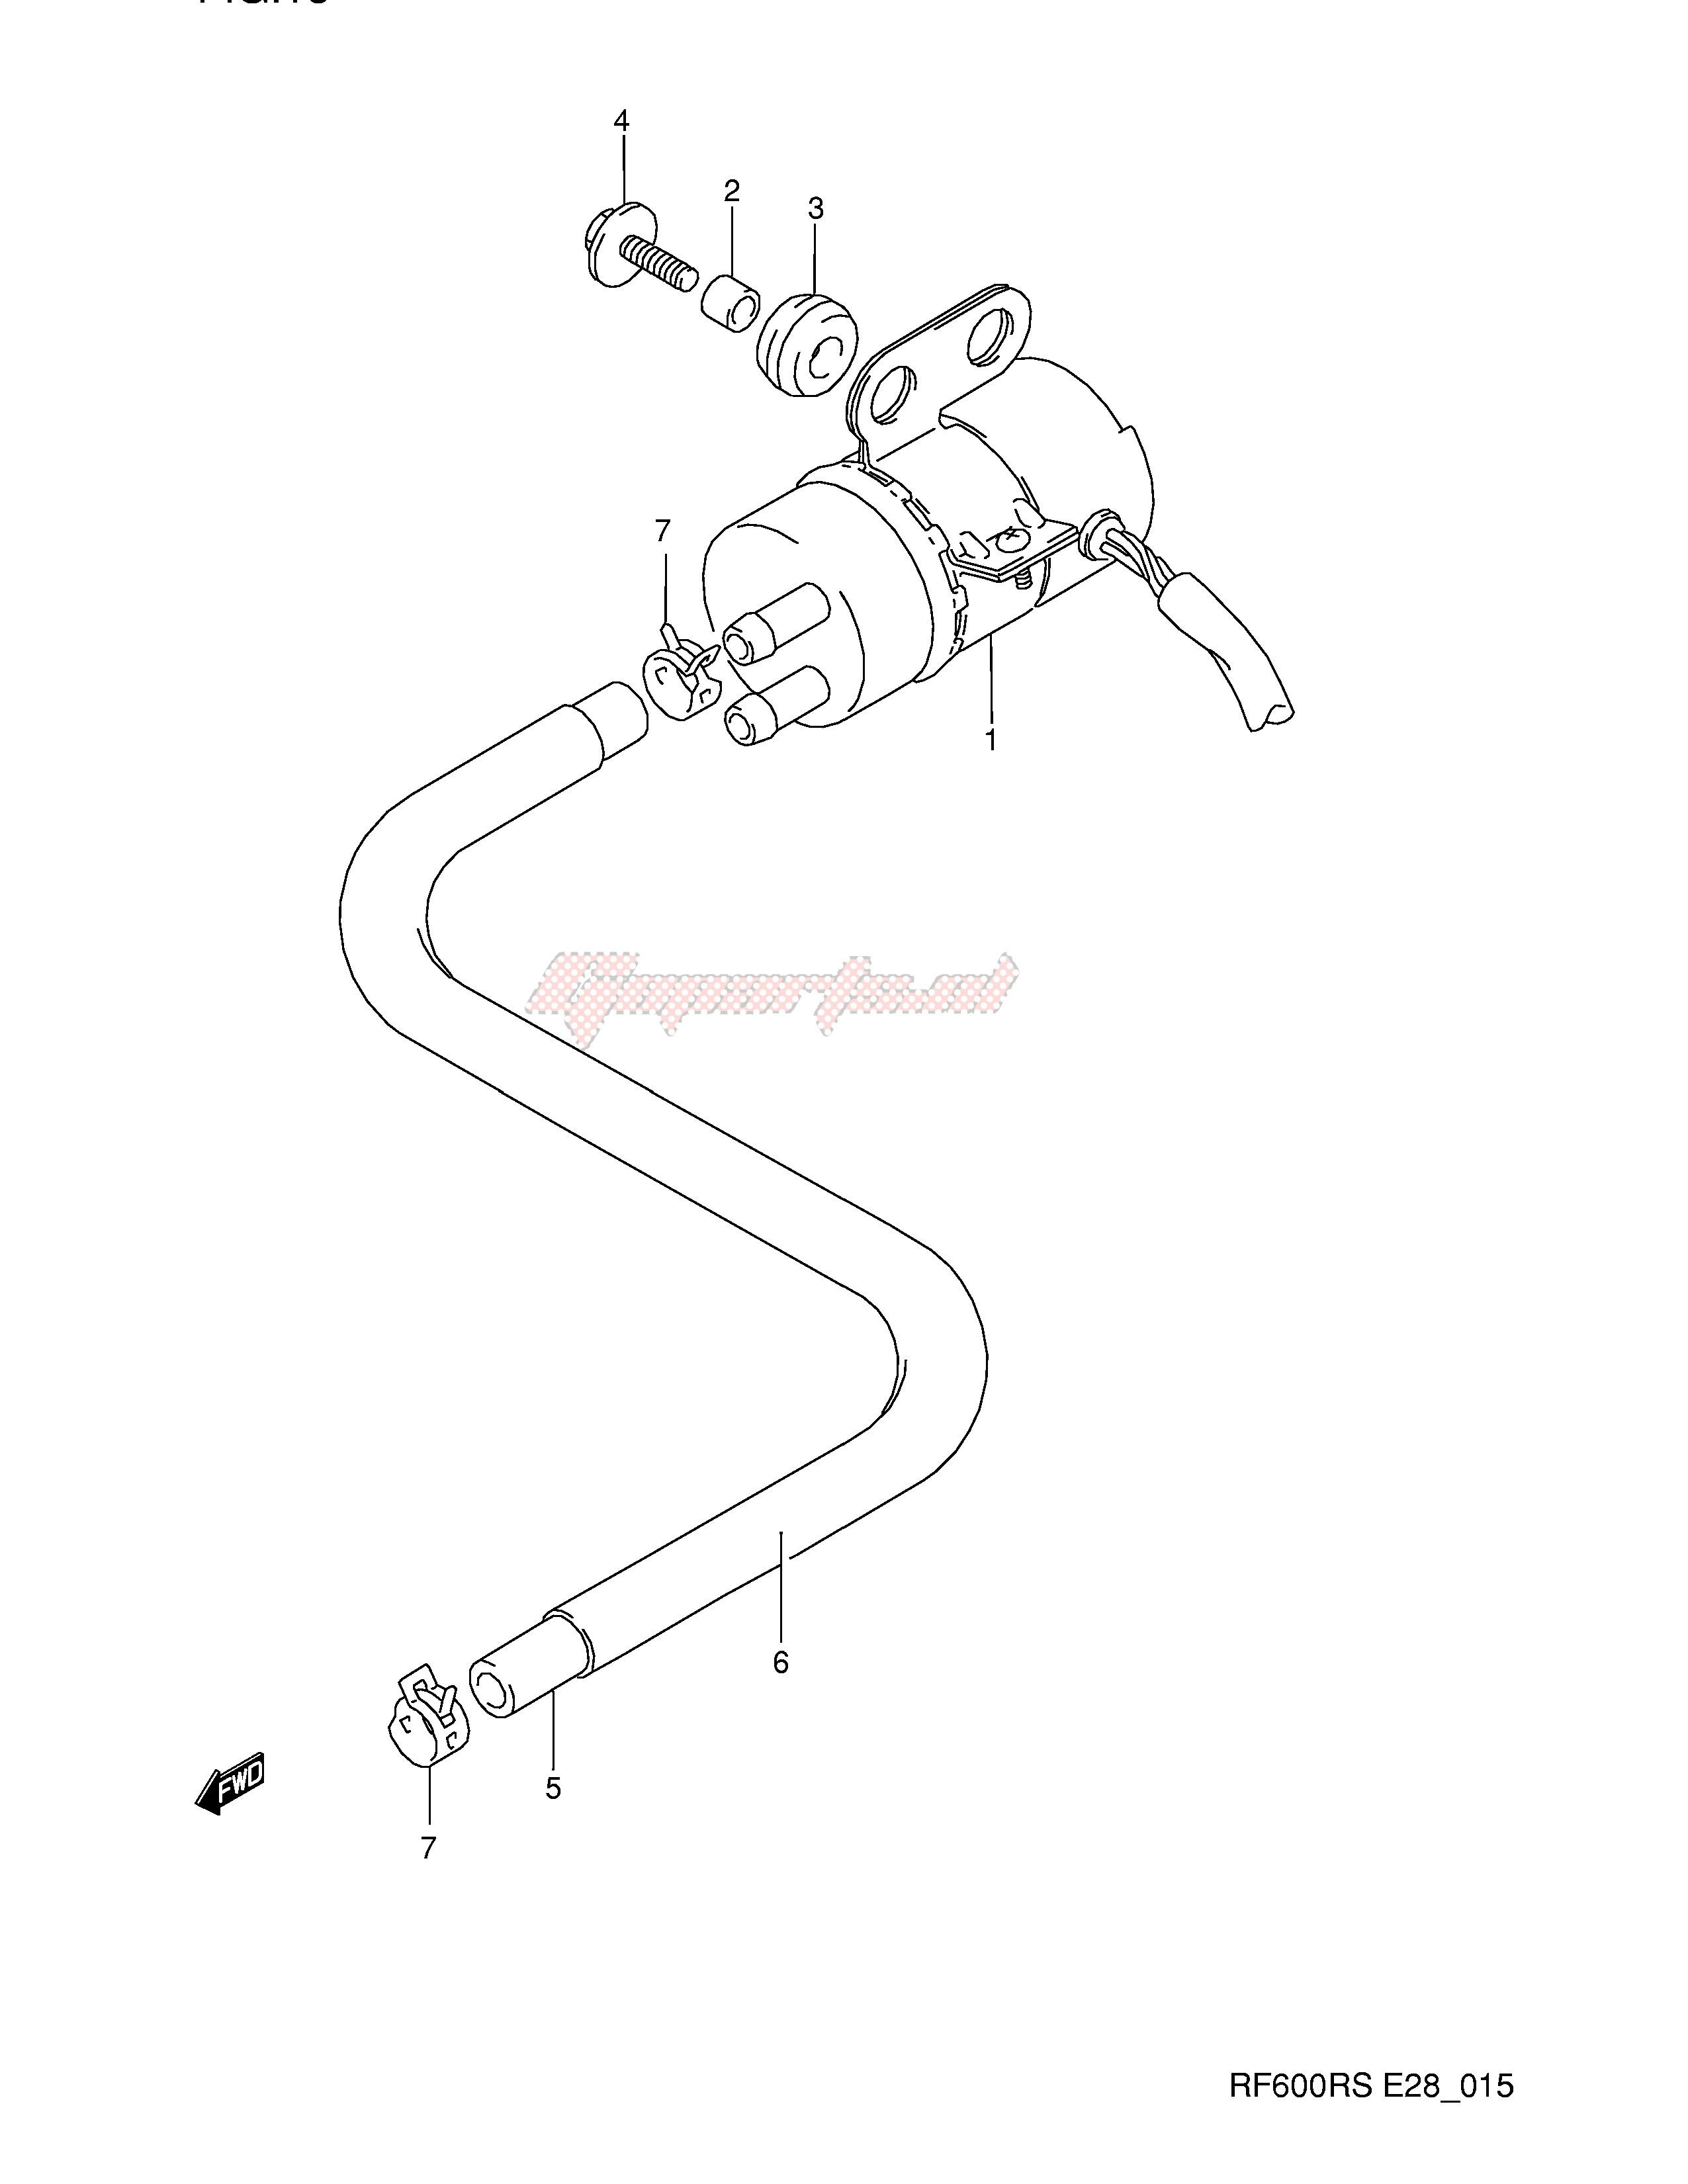 1995 Suzuki Rf600R Fuel Pump Wiring from goparts.eu